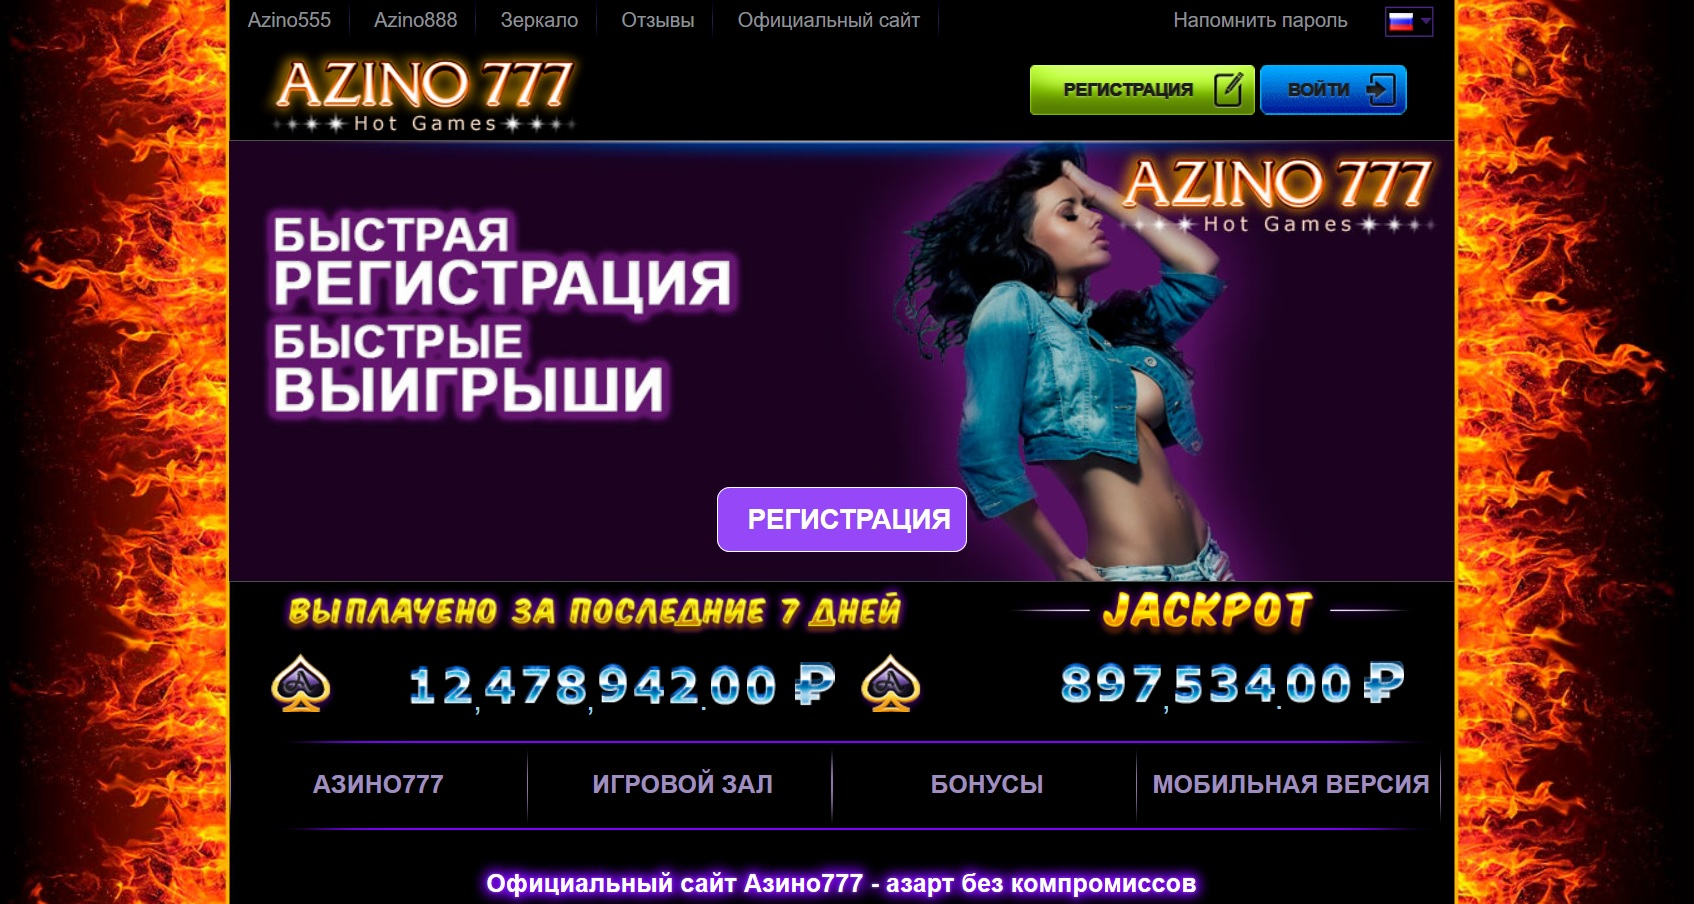 азино777 настоящий сайт